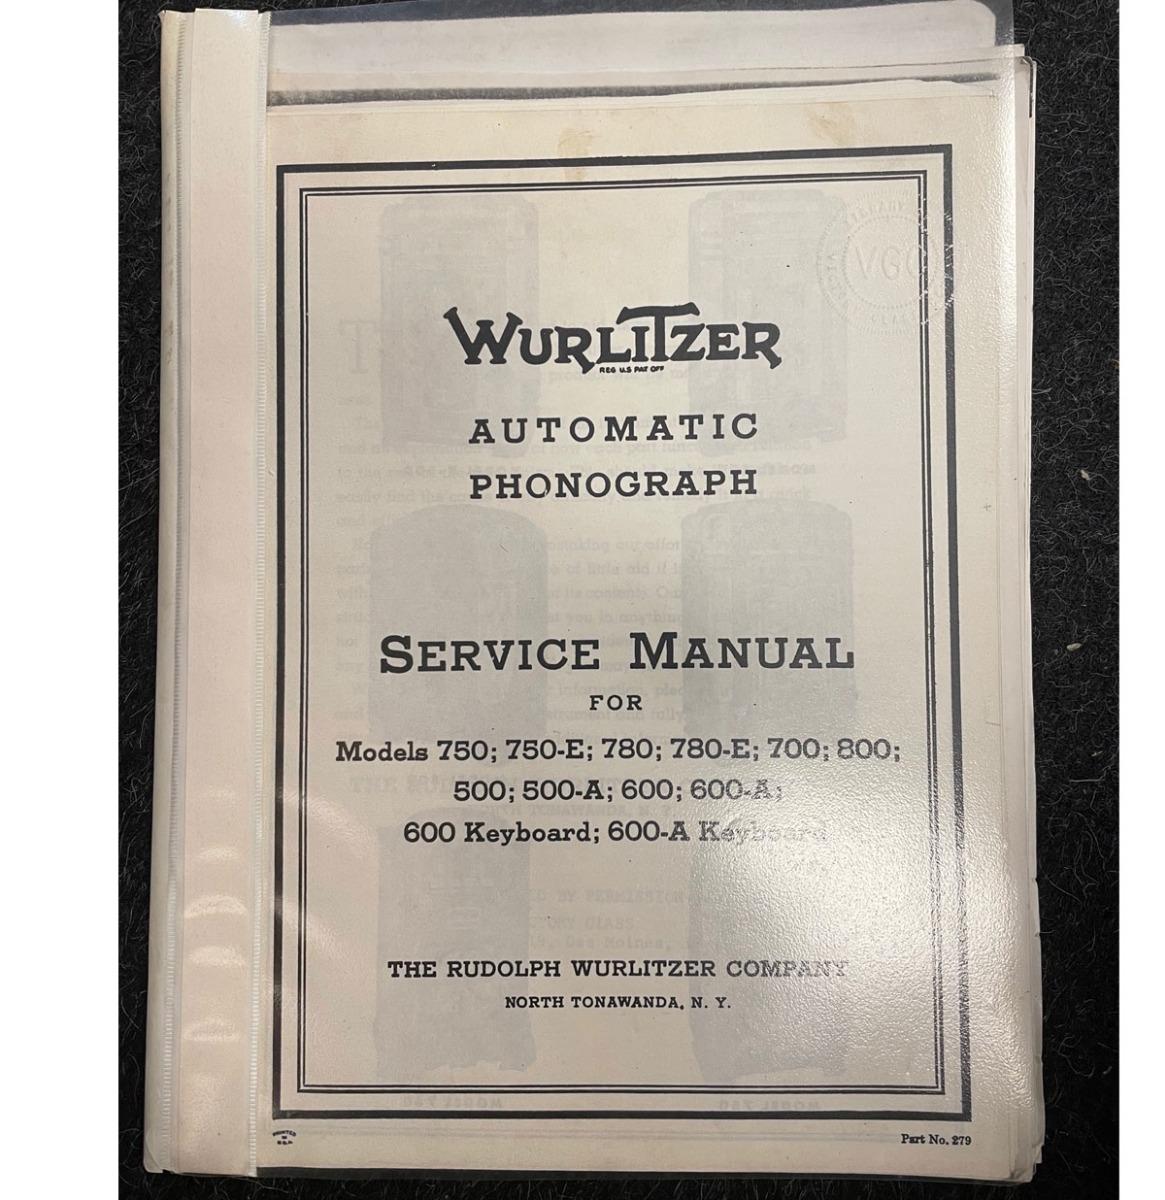 Wurlitzer 500, 600, 750 manual copy